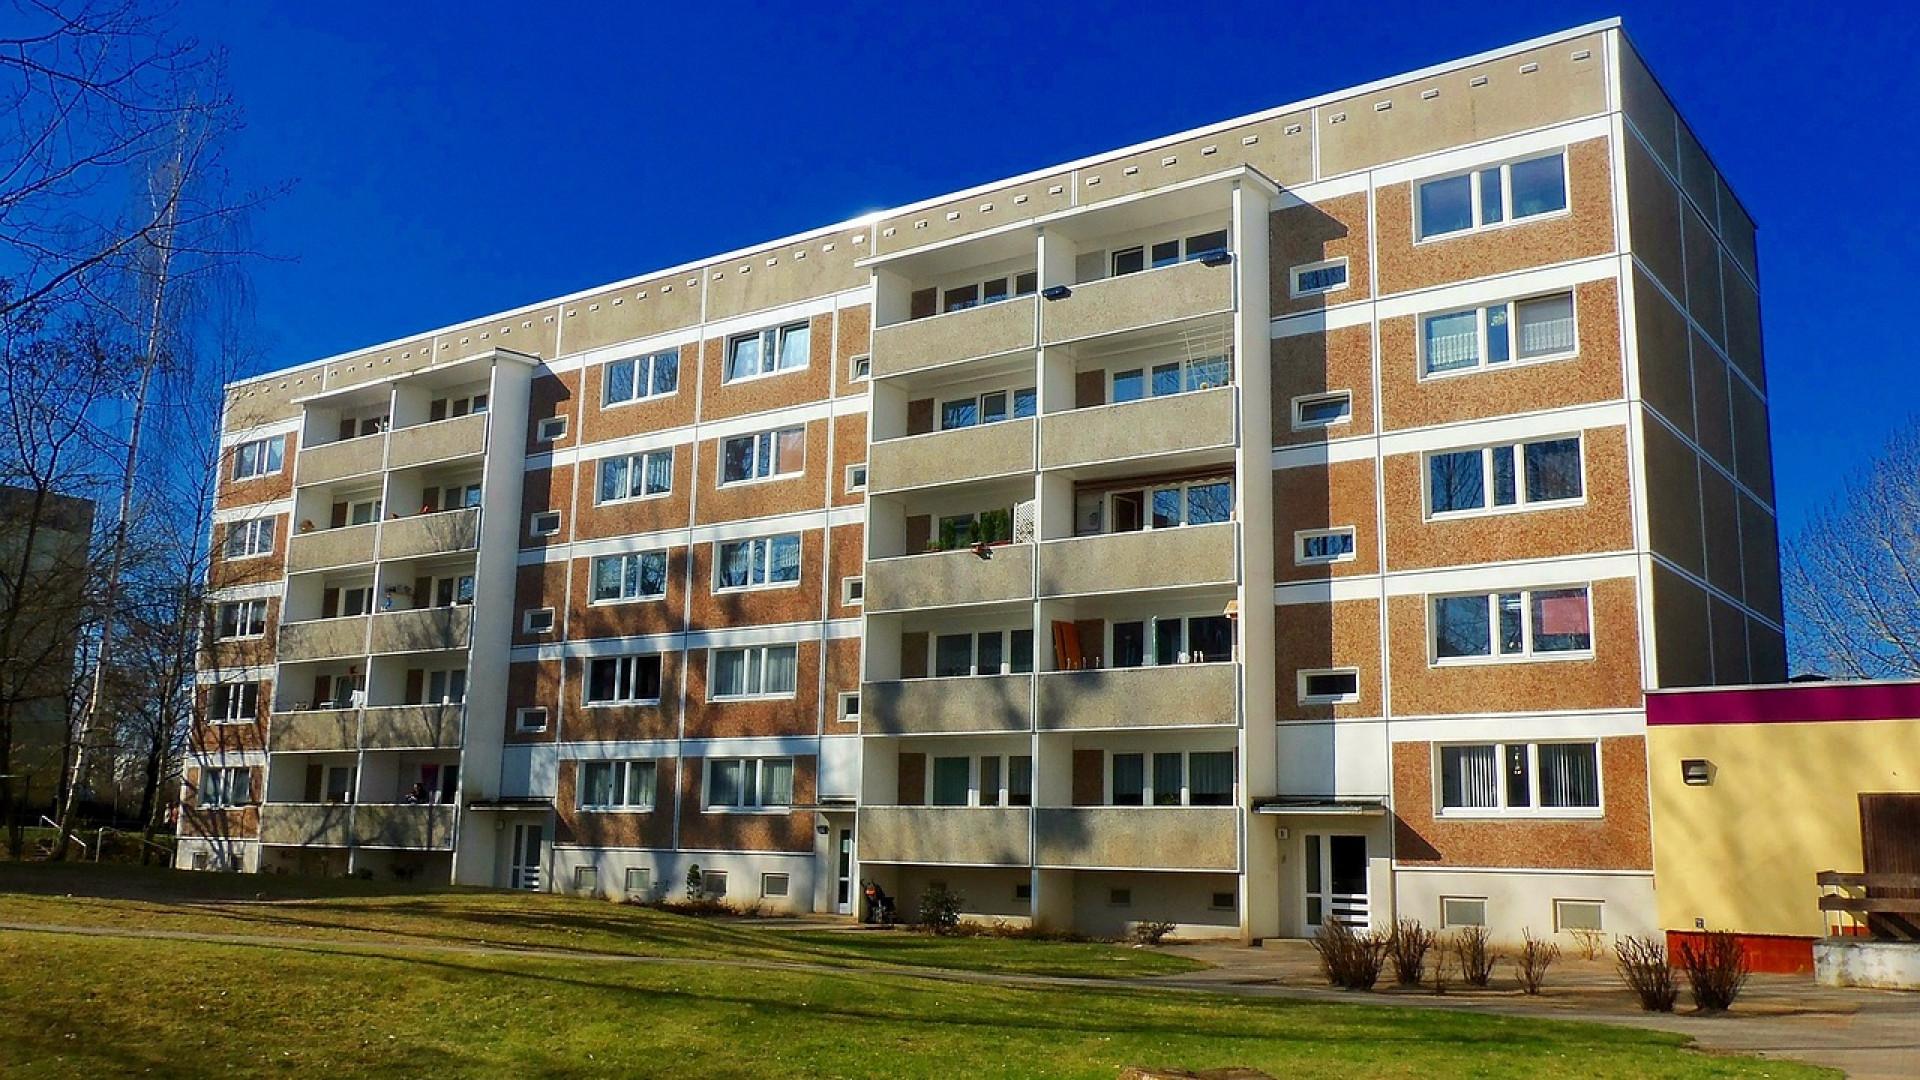 Des villes sont compatibles avec l'achat d'un bien immobilier